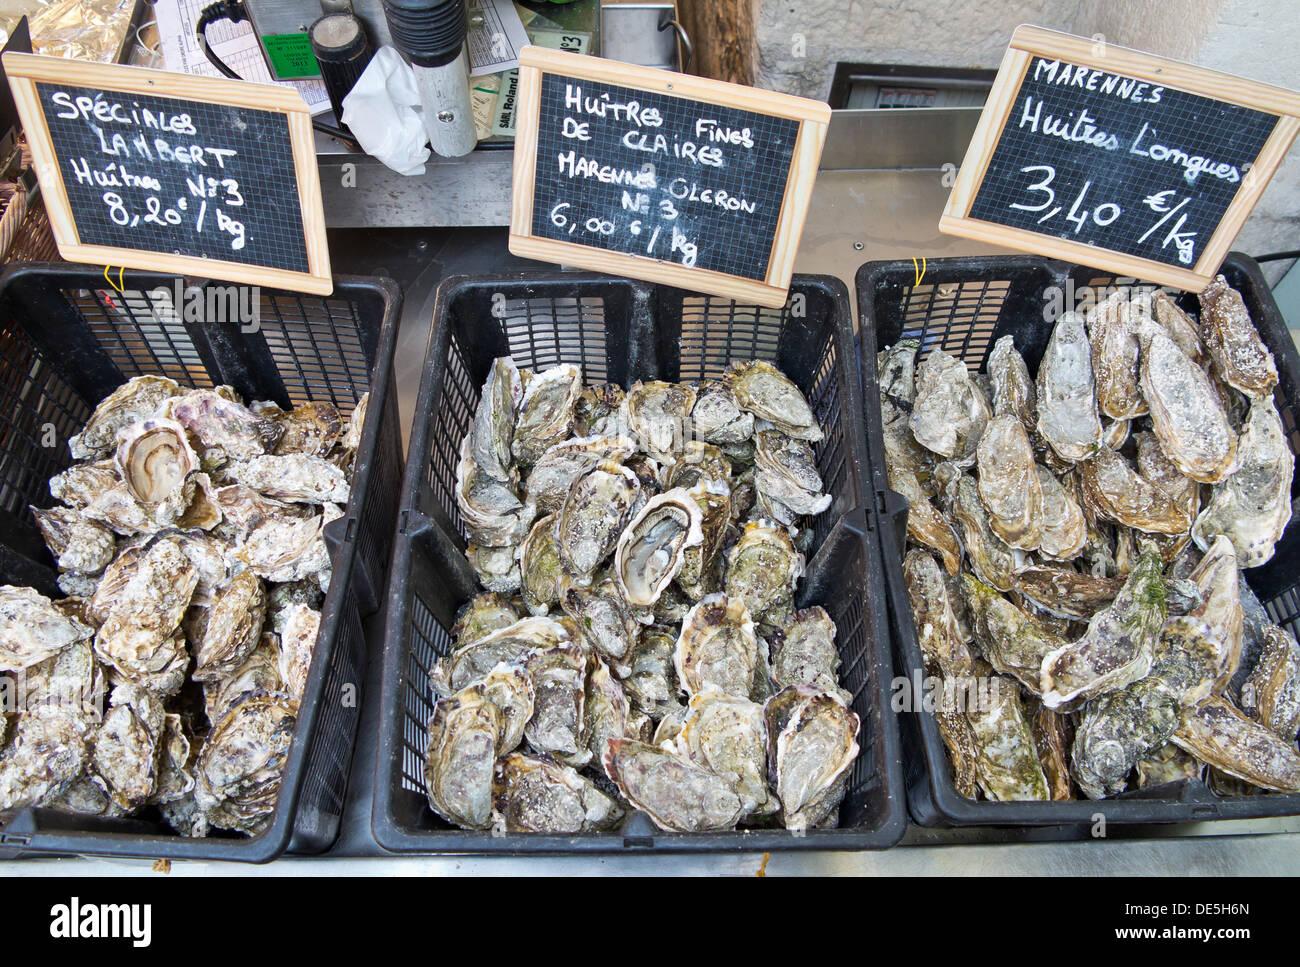 Austern werden in Körben auf eine Verkaufstheke von der Markthalle in La Rochelle, 11. August 2012 liegen. Foto: Daniel Karmann Stockbild